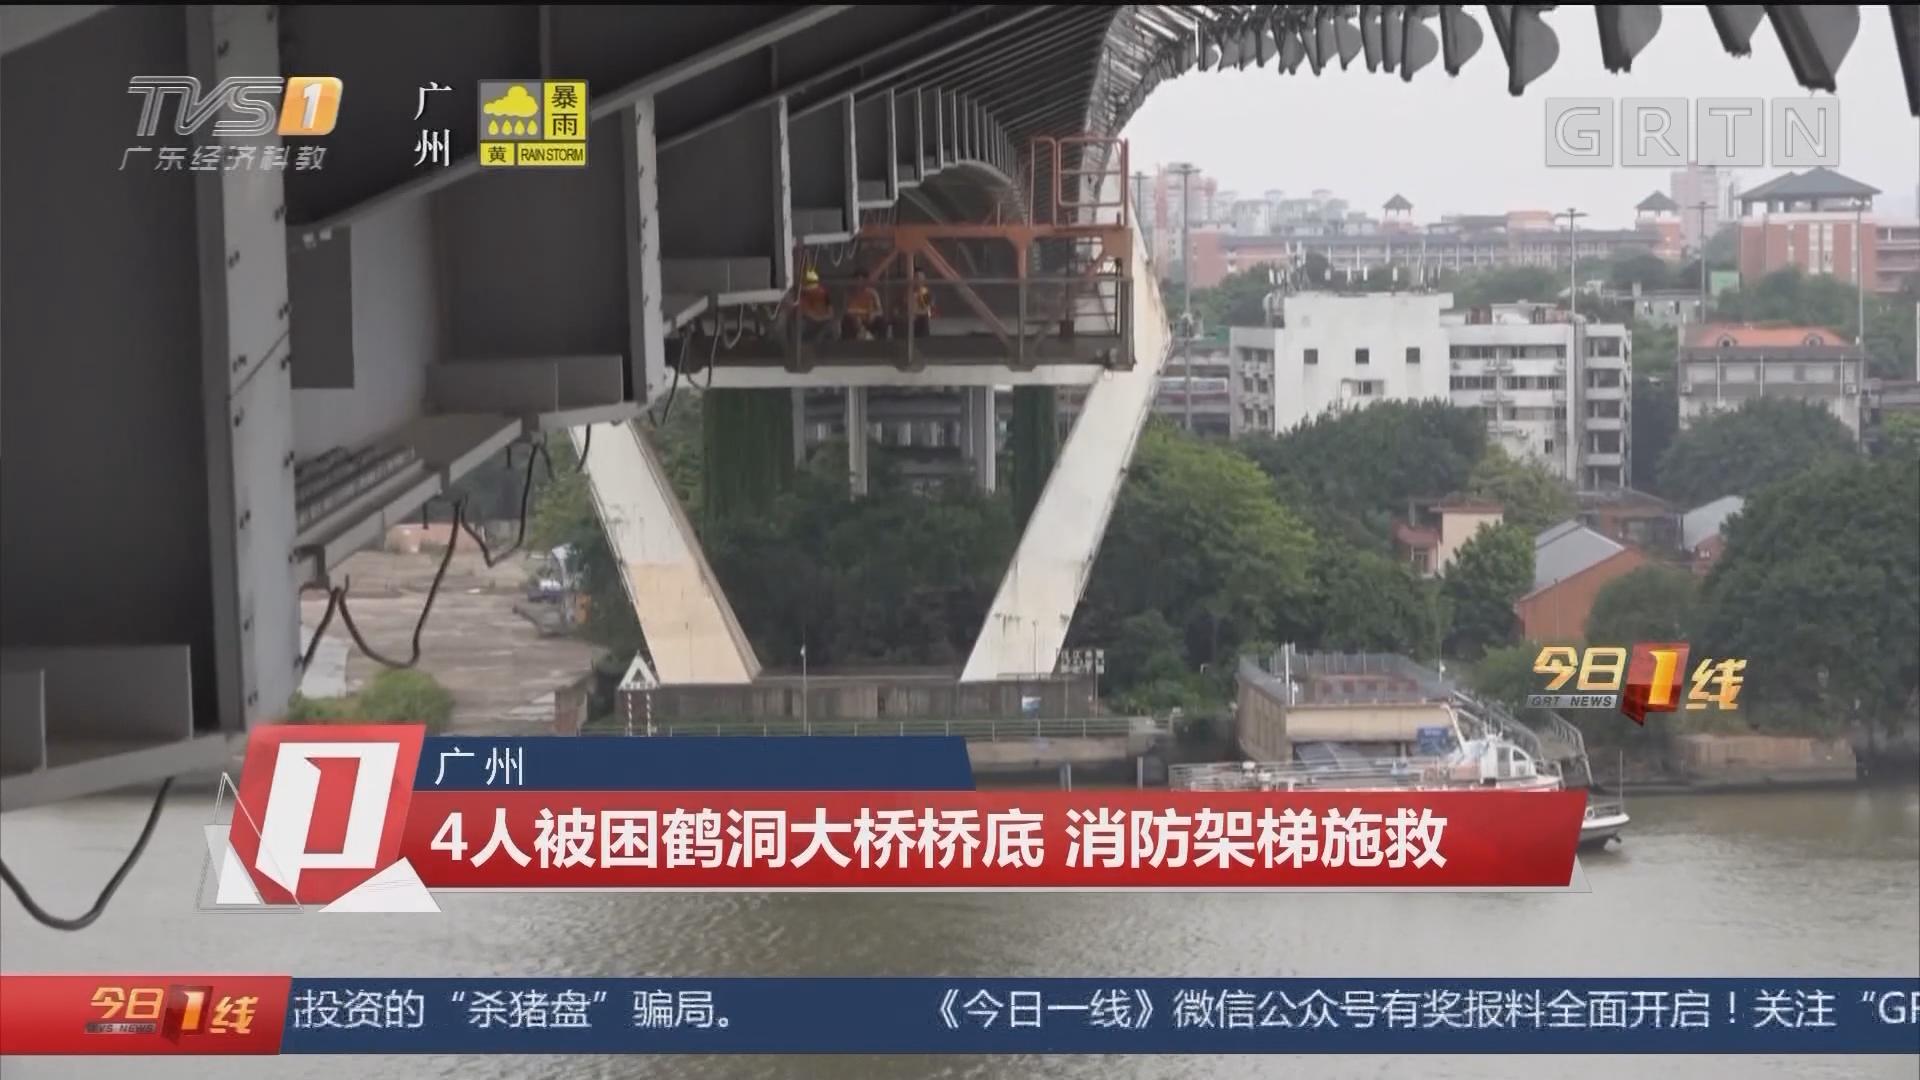 广州:4人被困鹤洞大桥桥底 消防架梯施救